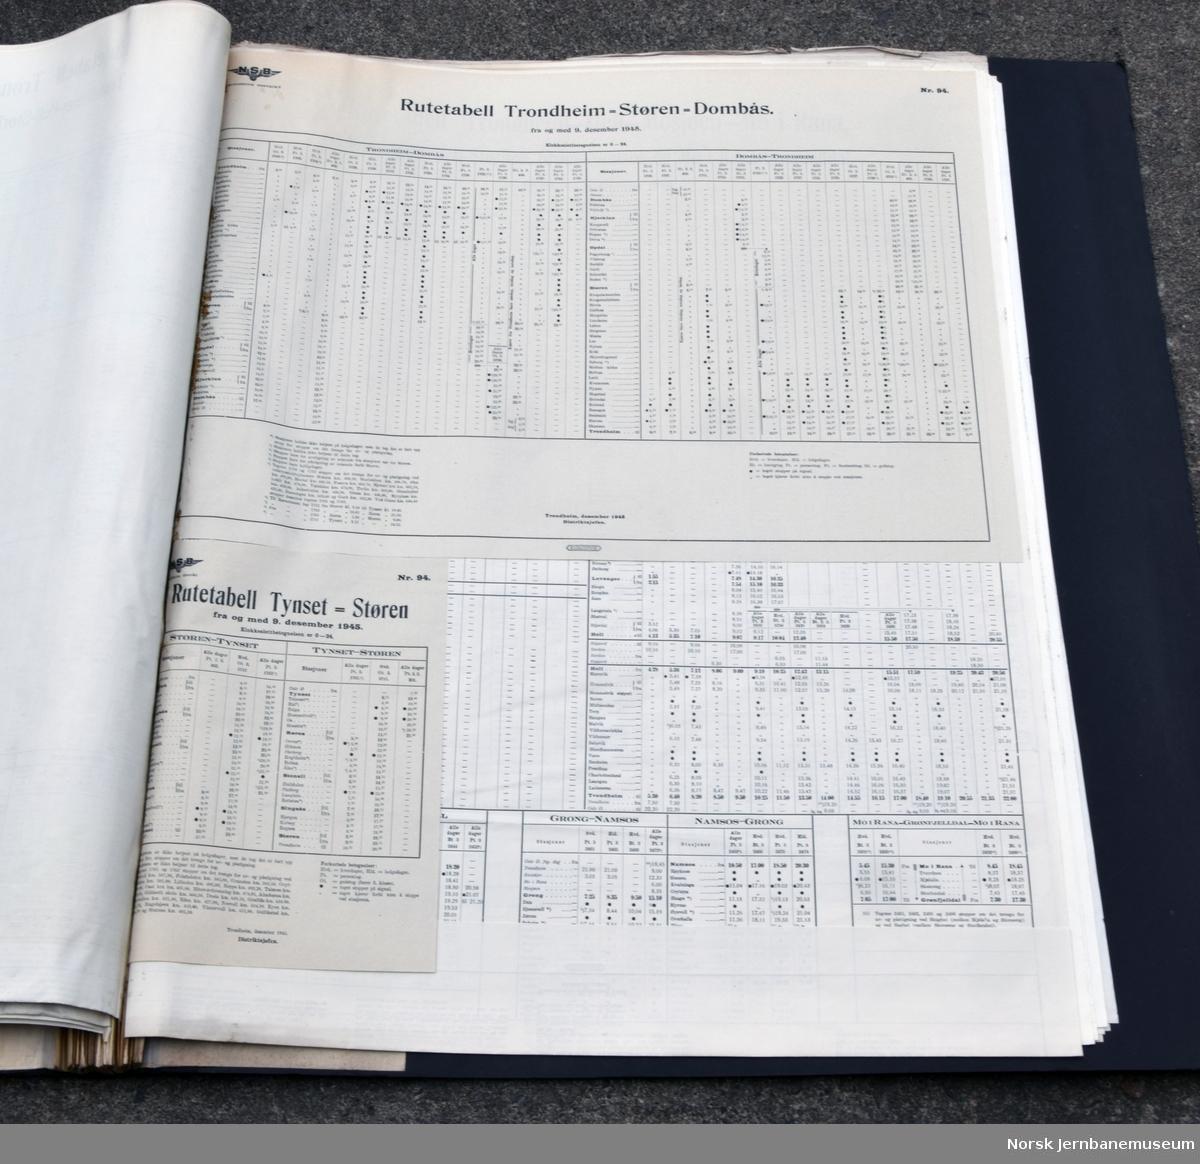 Ruteoppslag for Trondheim distrikt, fra 15.05.1935 til 15.05.1951, innbundet. Hvert år er det vanligvis to ruteoppslag fram til 1940, ett for baner fra Trondheim og sørover og ett for baner fra Trondheim og nordover. Fra 1941 eget oppslag for Rørosbanen og fra 1948 er det fire årlige oppslag da Meråkerbanen og Nordlandsbanen har hvert sitt oppslag.